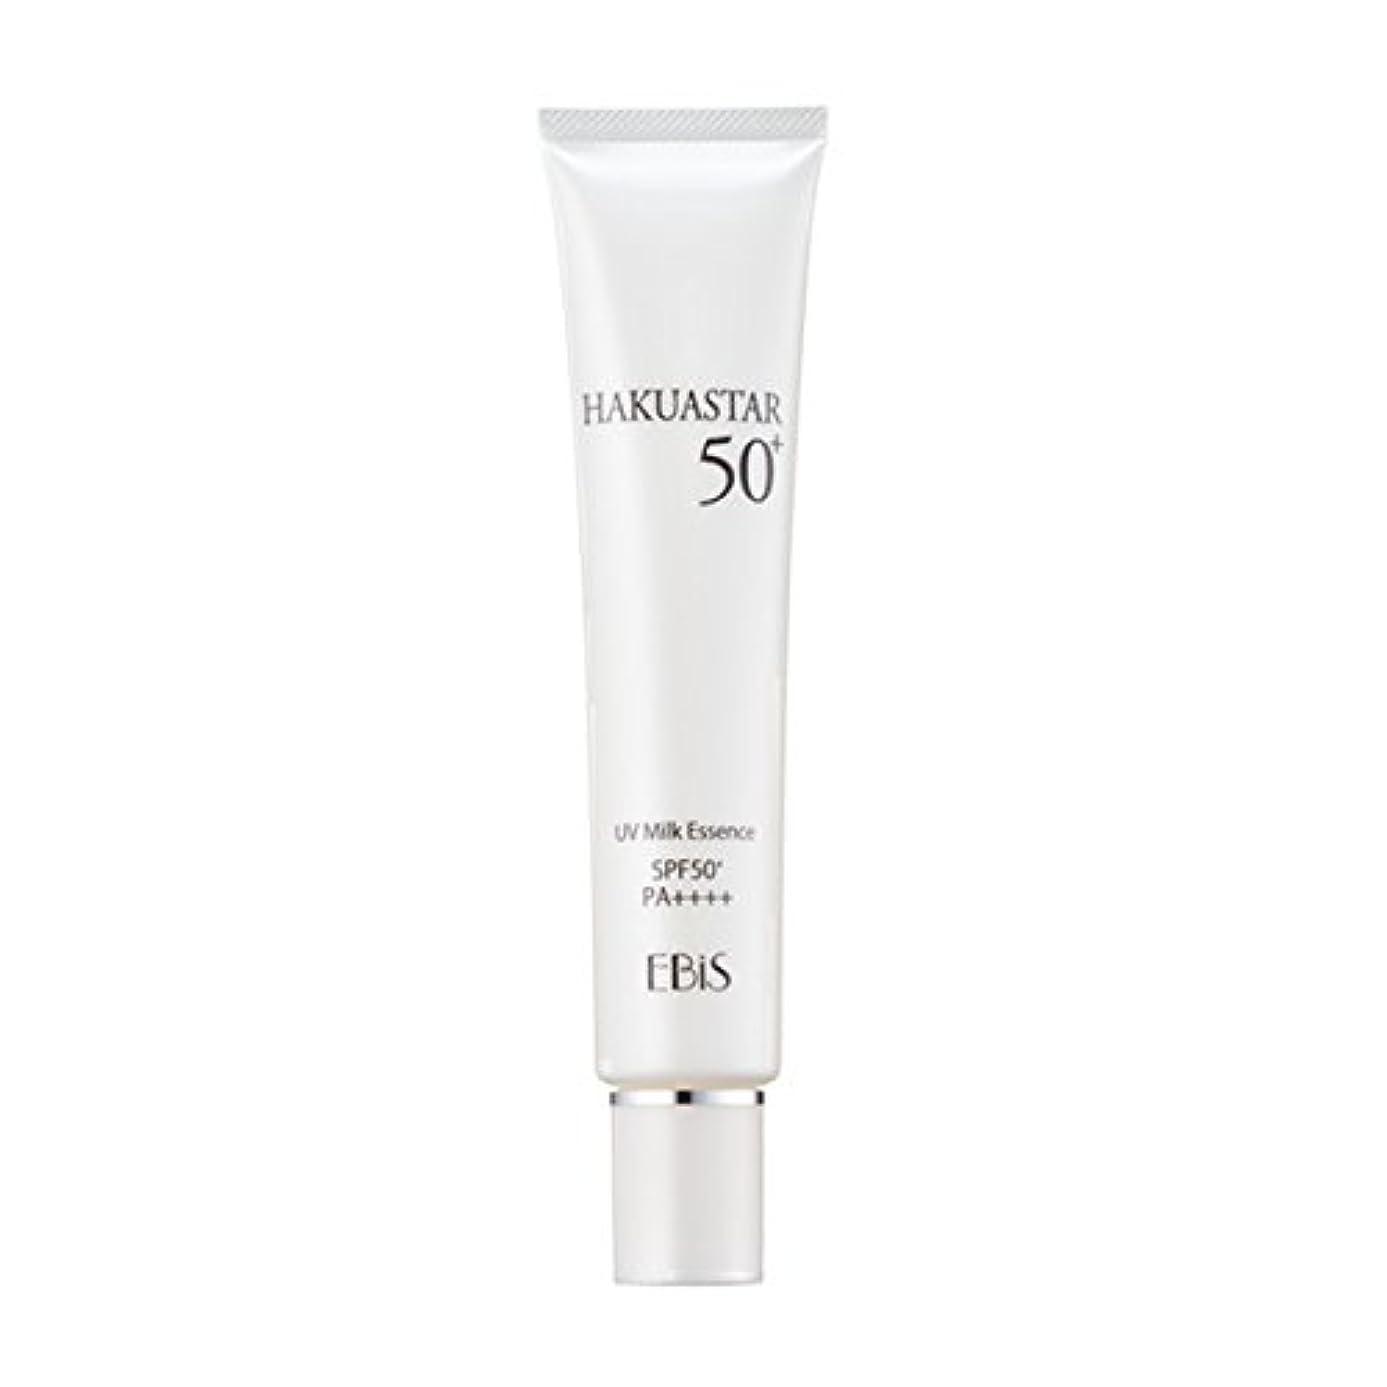 クレーン契約した時間エビス化粧品(EBiS) ハクアスター 40g SPF50PA+++ UVクリーム(日焼け止め) 紫外線対策 化粧下地としても使える